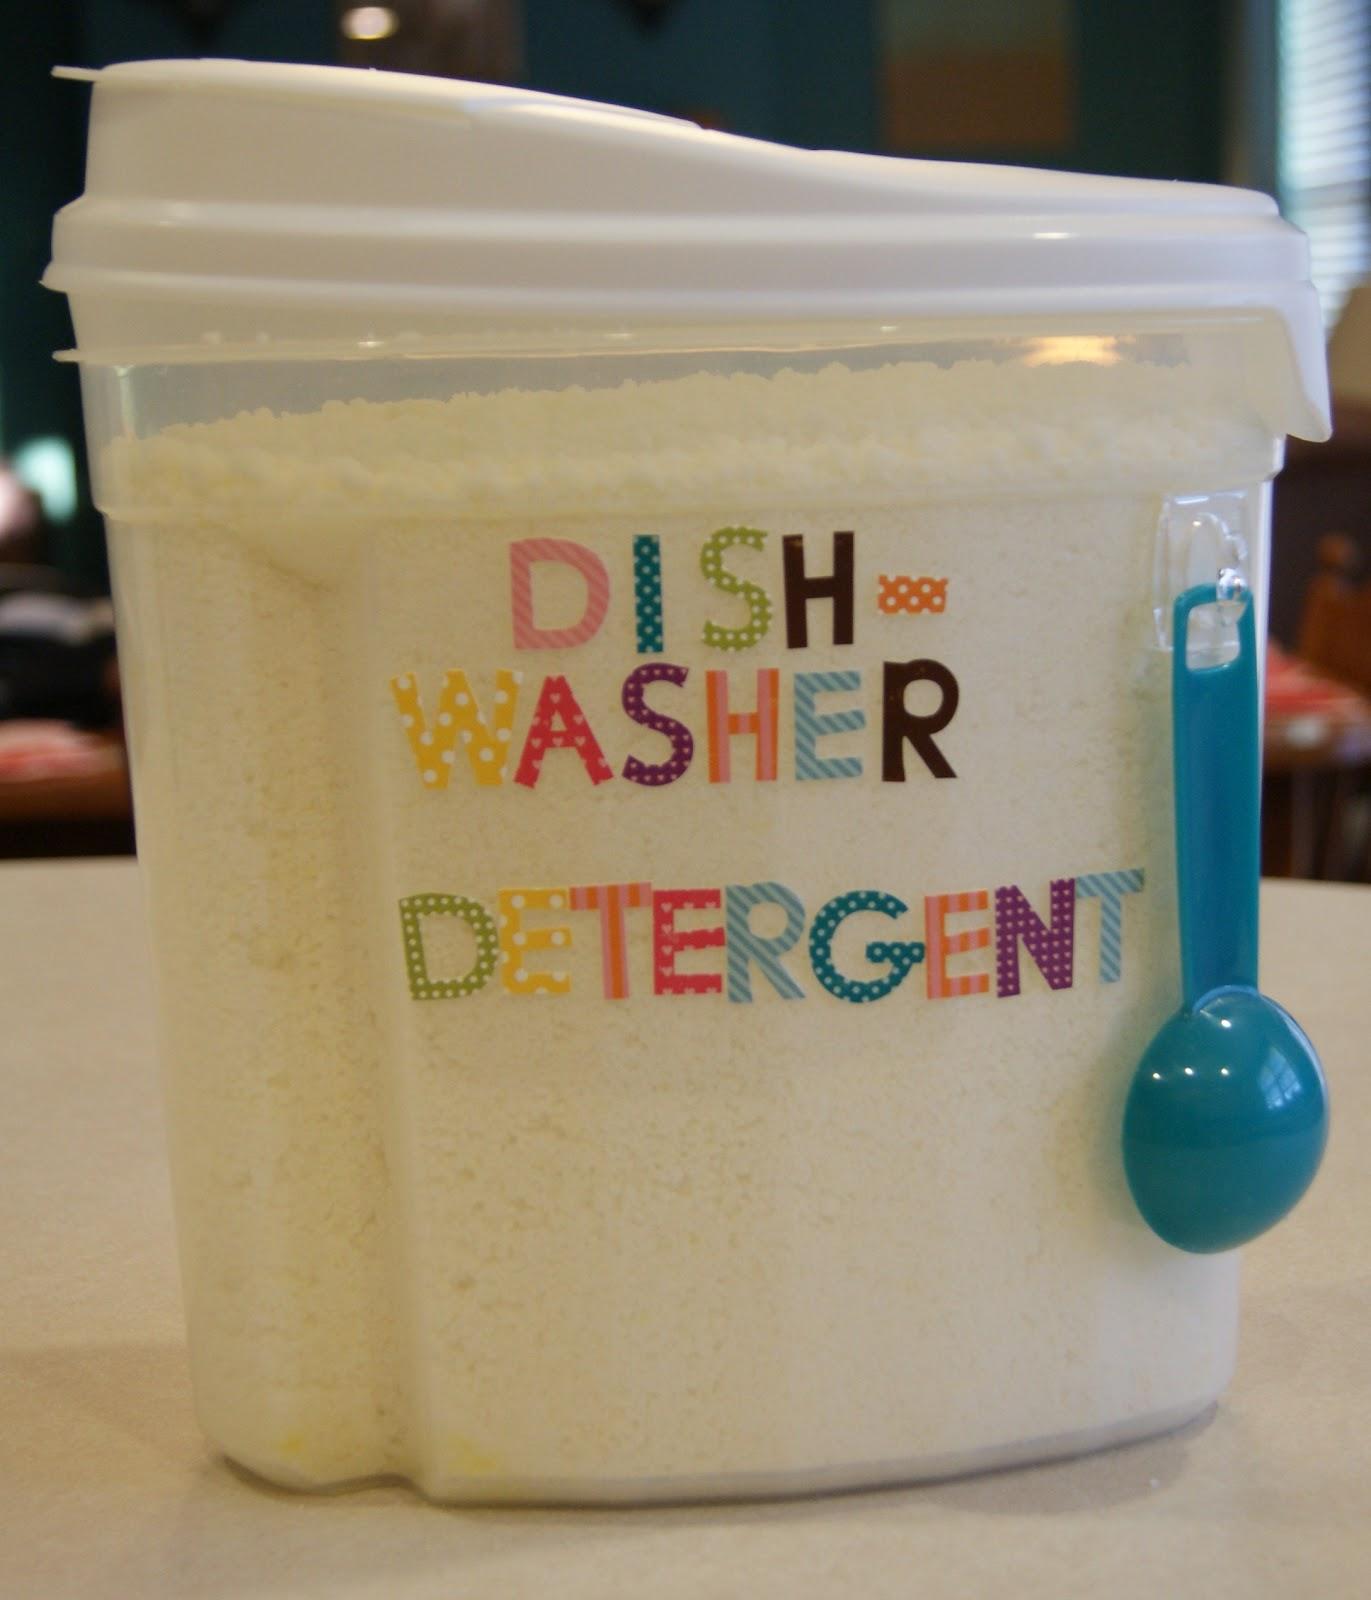 DIY dishwasher detergent. Source